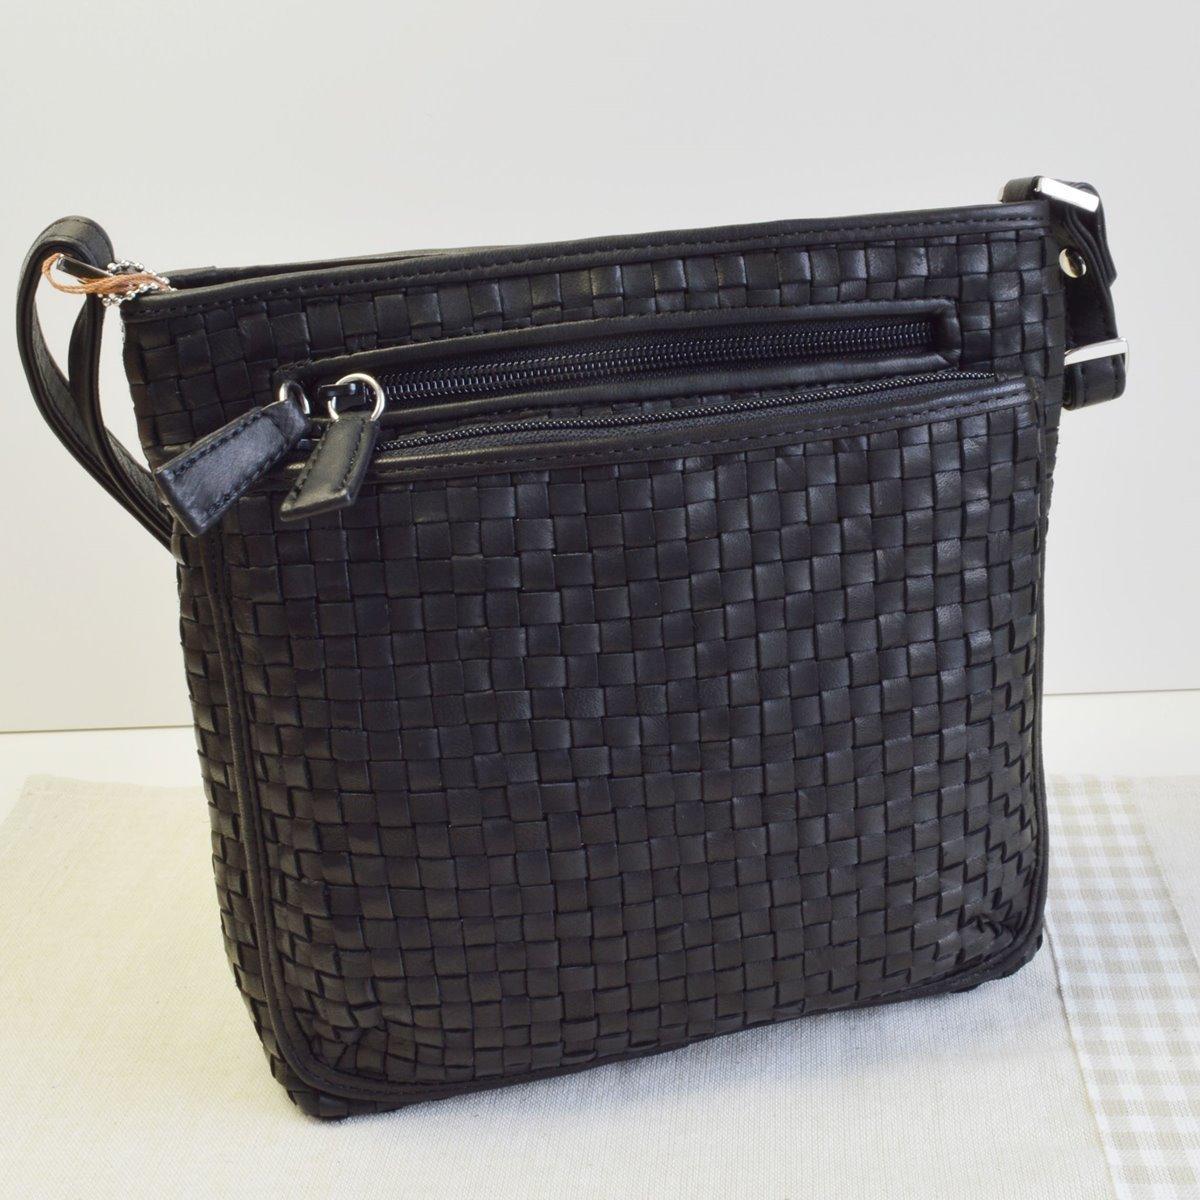 ポニーメッシュ ショルダーバッグ BLACK(ブラック) ポニーレザー 本革 馬革鞄 かばん No.33260 メンズバッグ レディースバッグ B06W9L86Z4